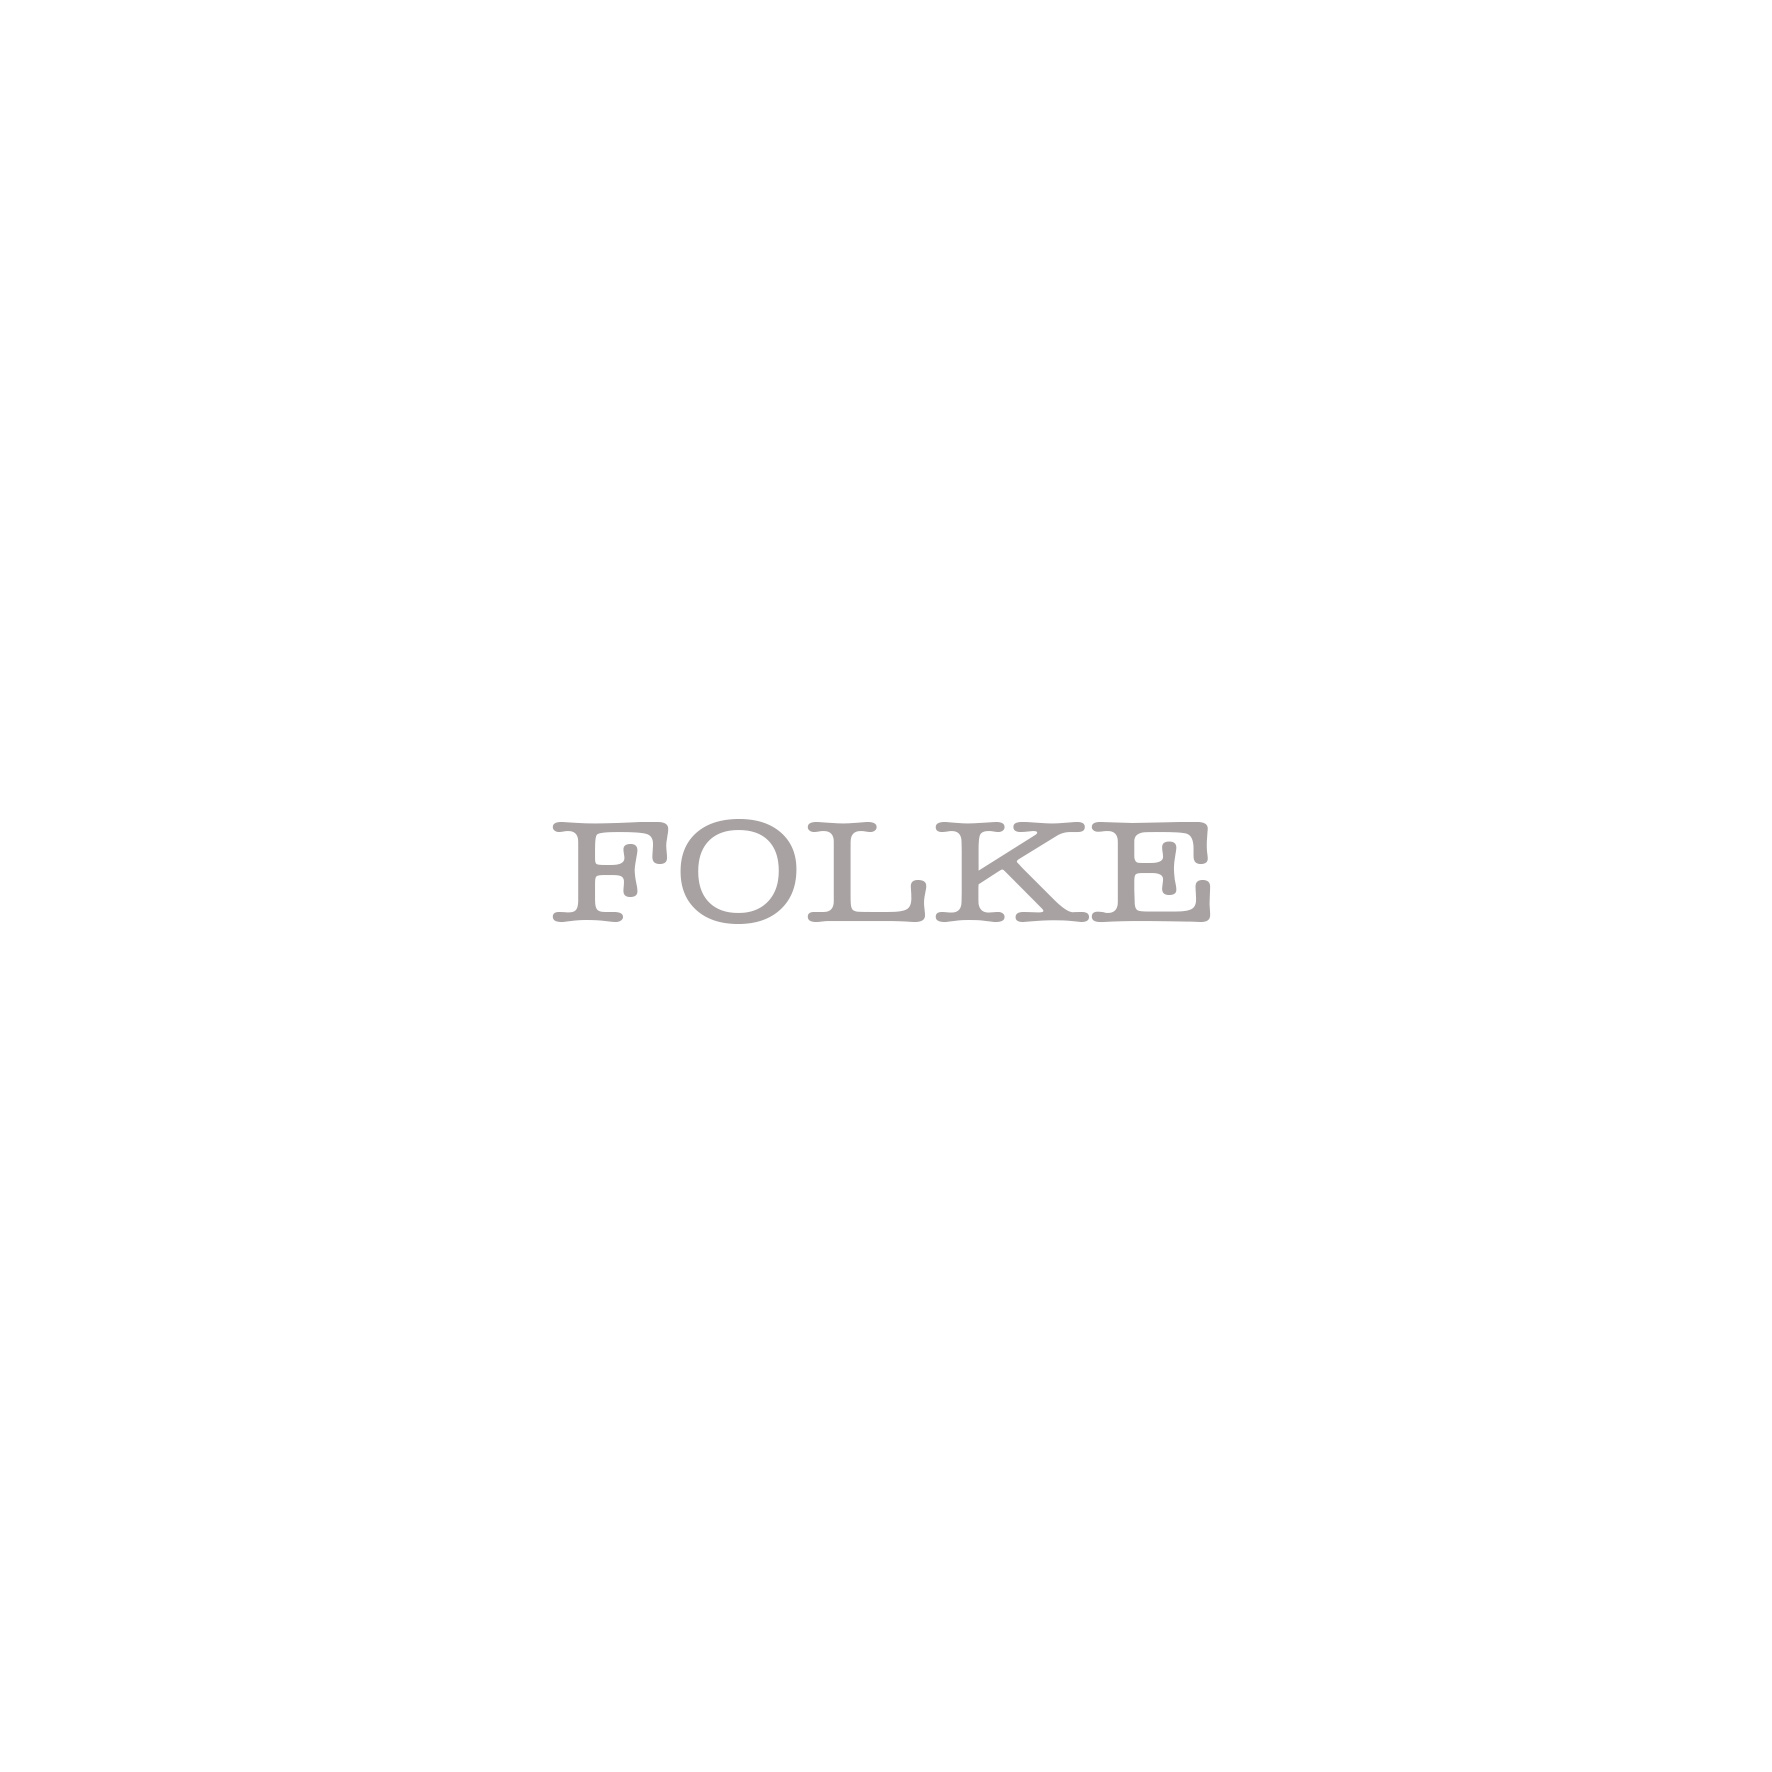 FOLKE.jpg